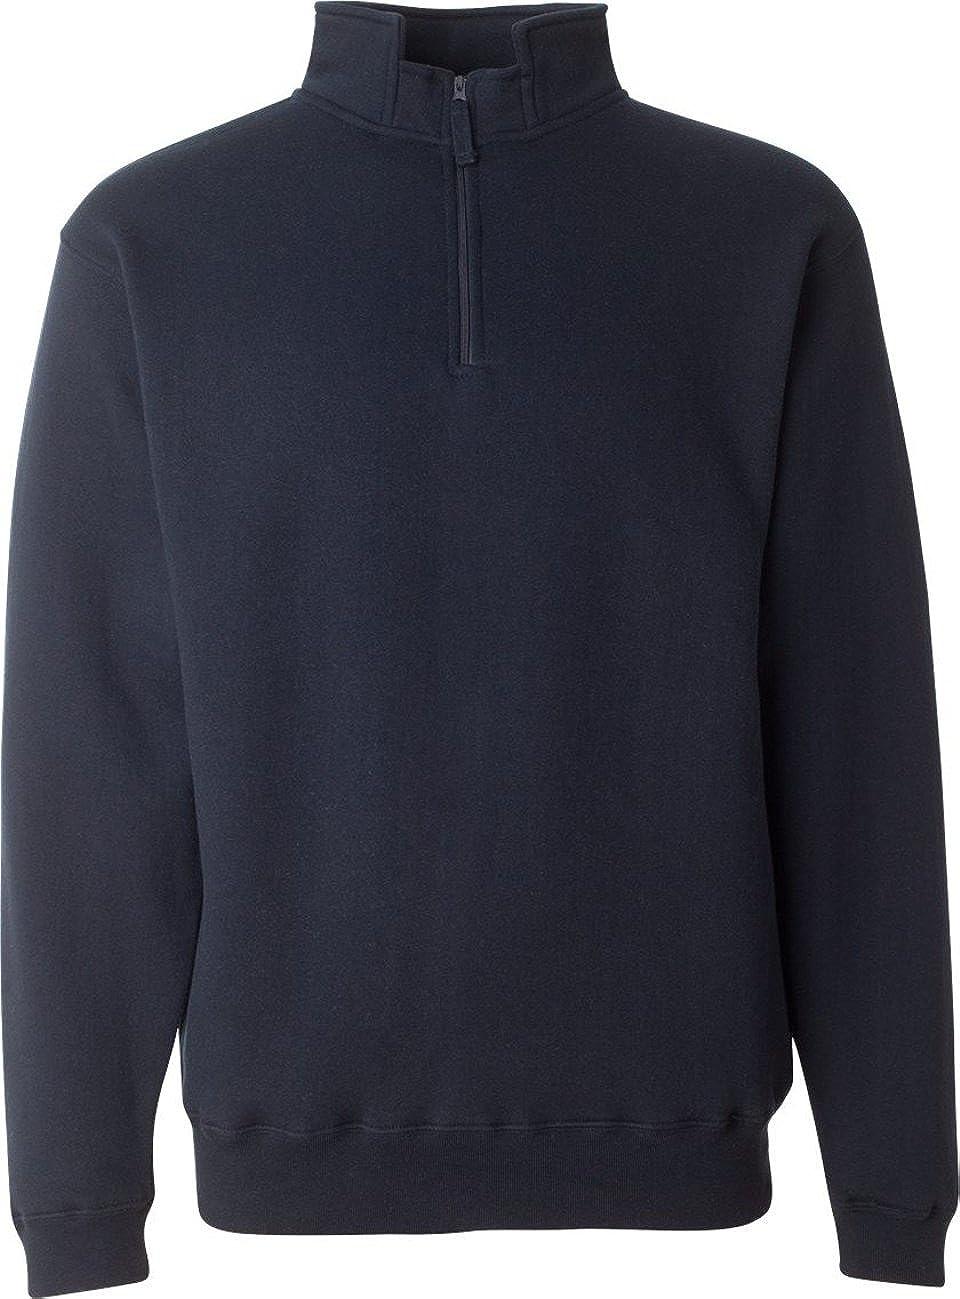 Adult Heavyweight Fleece Quarter-Zip NAVY 3XL